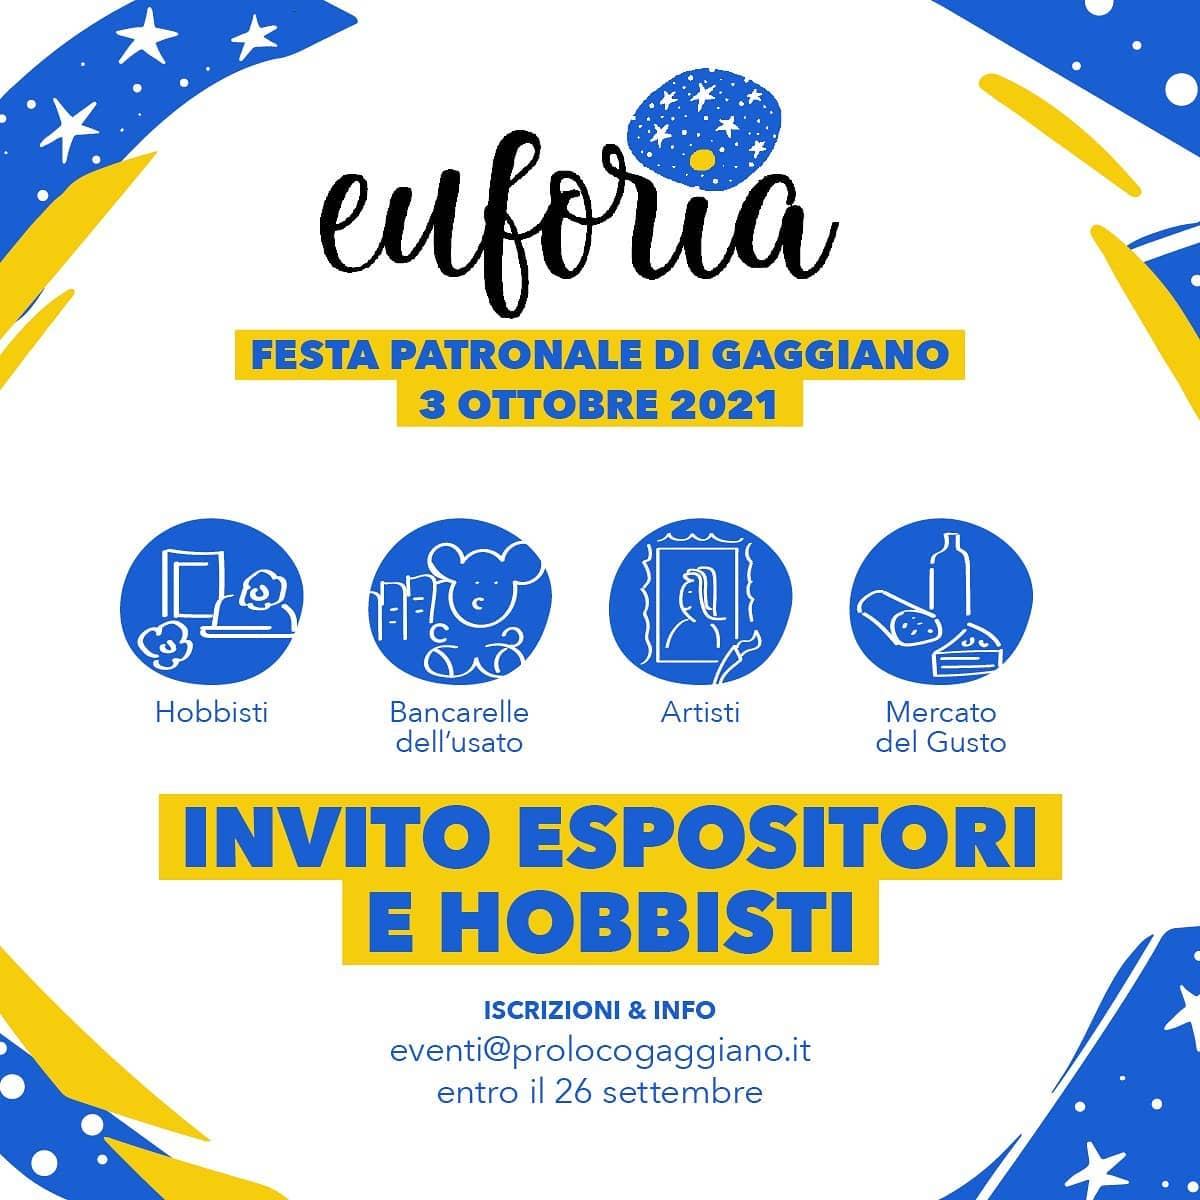 GAGGIANO (MI): Euforia - Festa patronale di Gaggiano 2021